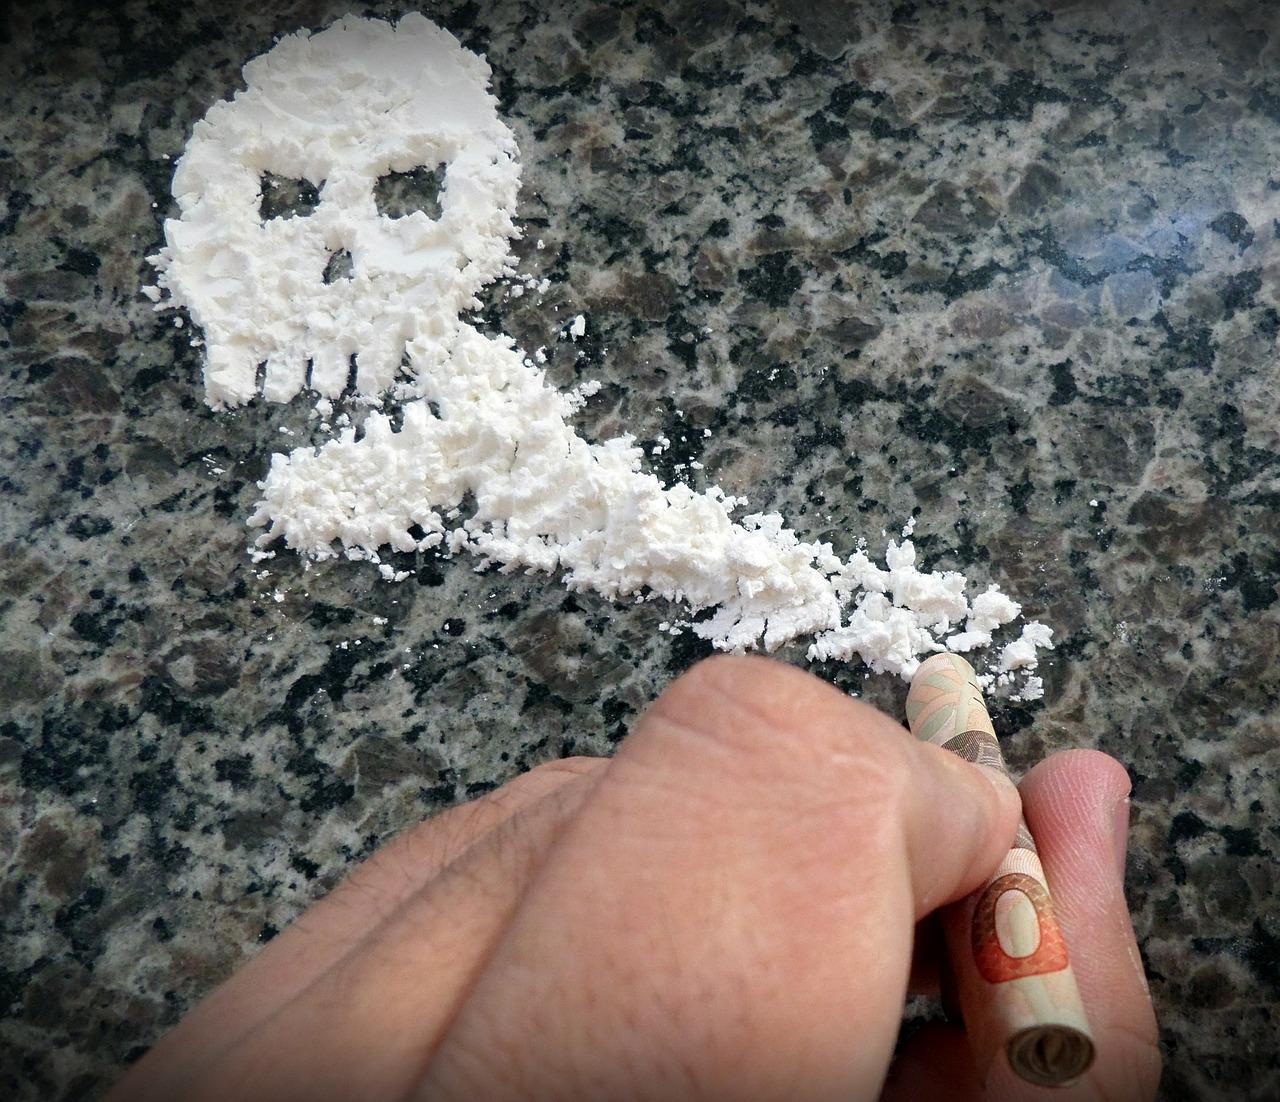 В Крыму мужчина «наторговал» кокаином на 8 лет лишения свободы